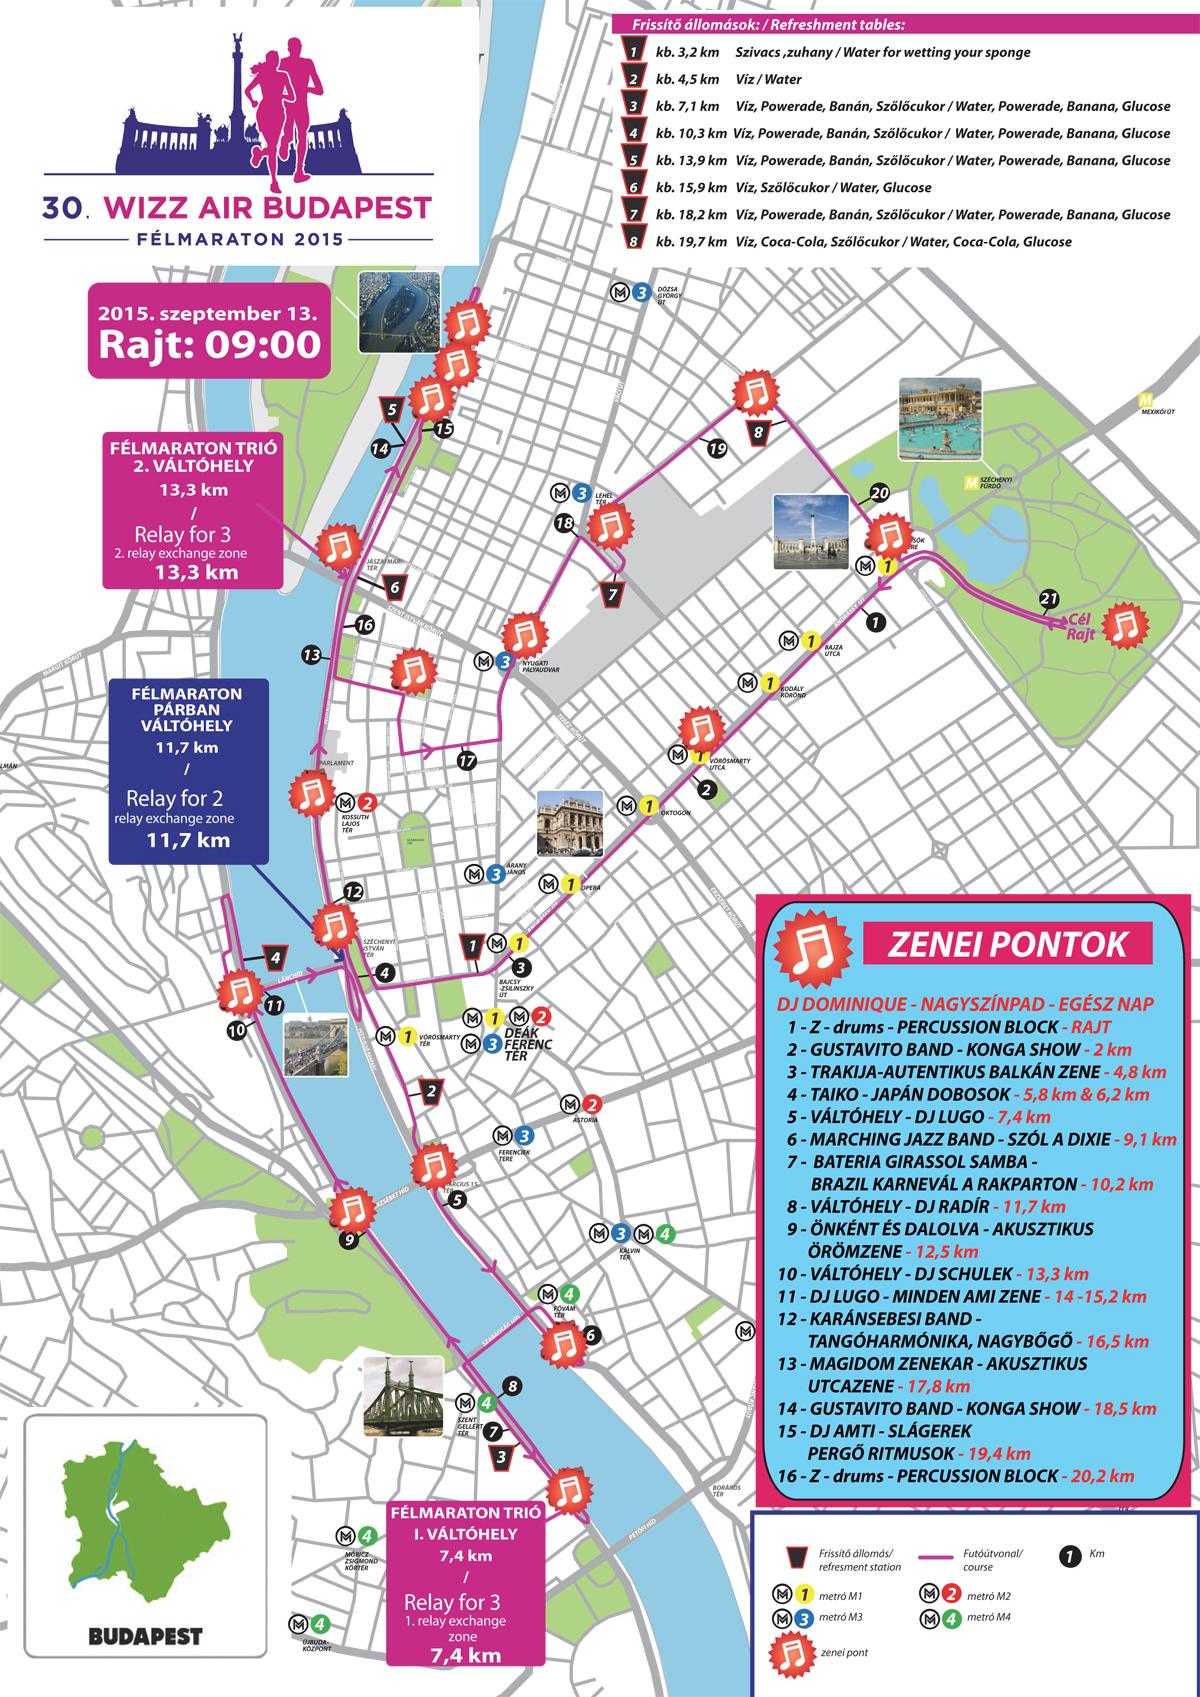 wizz air térkép 30. Wizz Air Budapest Félmaraton Térkép   Futanet.hu